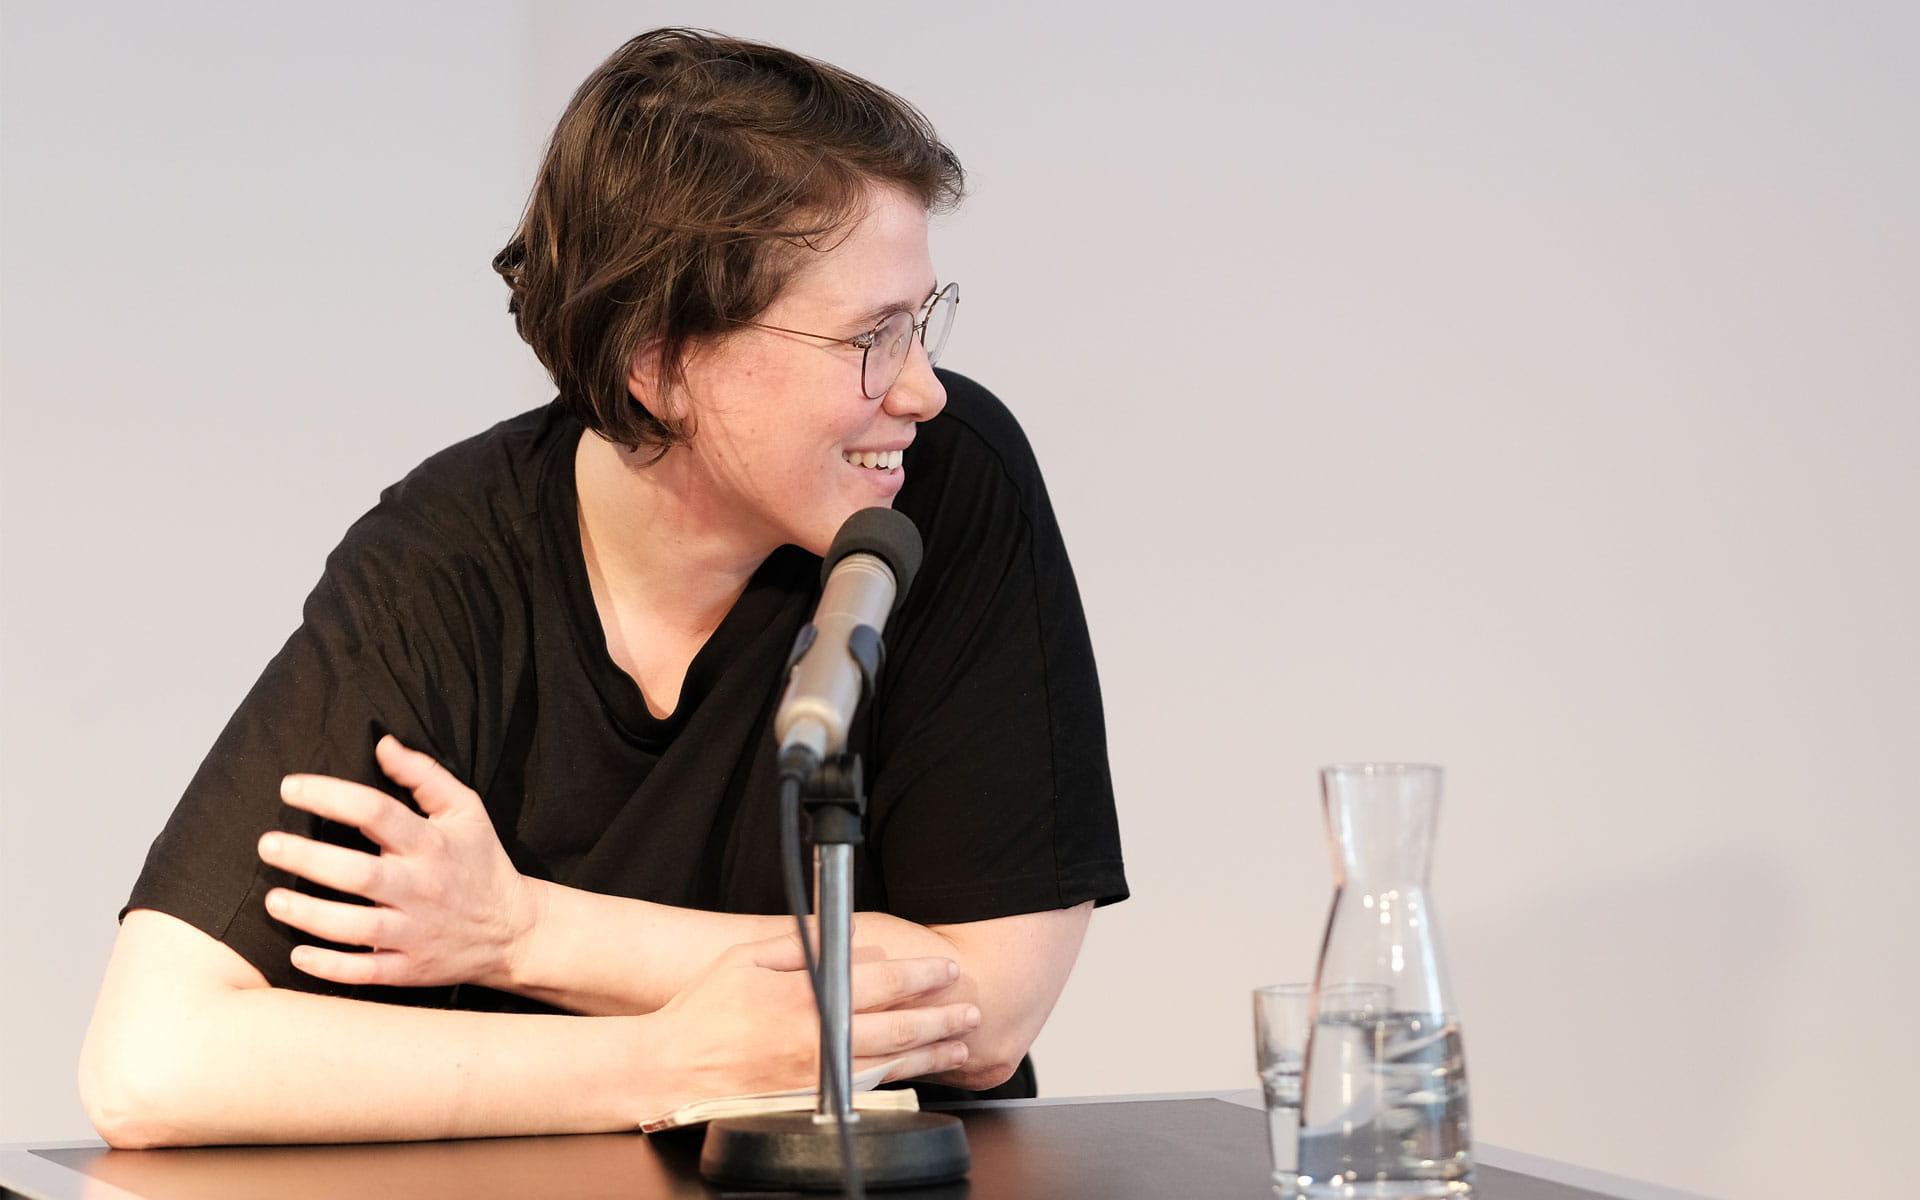 Luise Boege: <s>Exorzismus in Polen</s> Die Schönheit der Wüste,                                                               Samstag, 13.07.19               /                   13.10              Uhr                               <br/>(c) Sebastian Wenzel